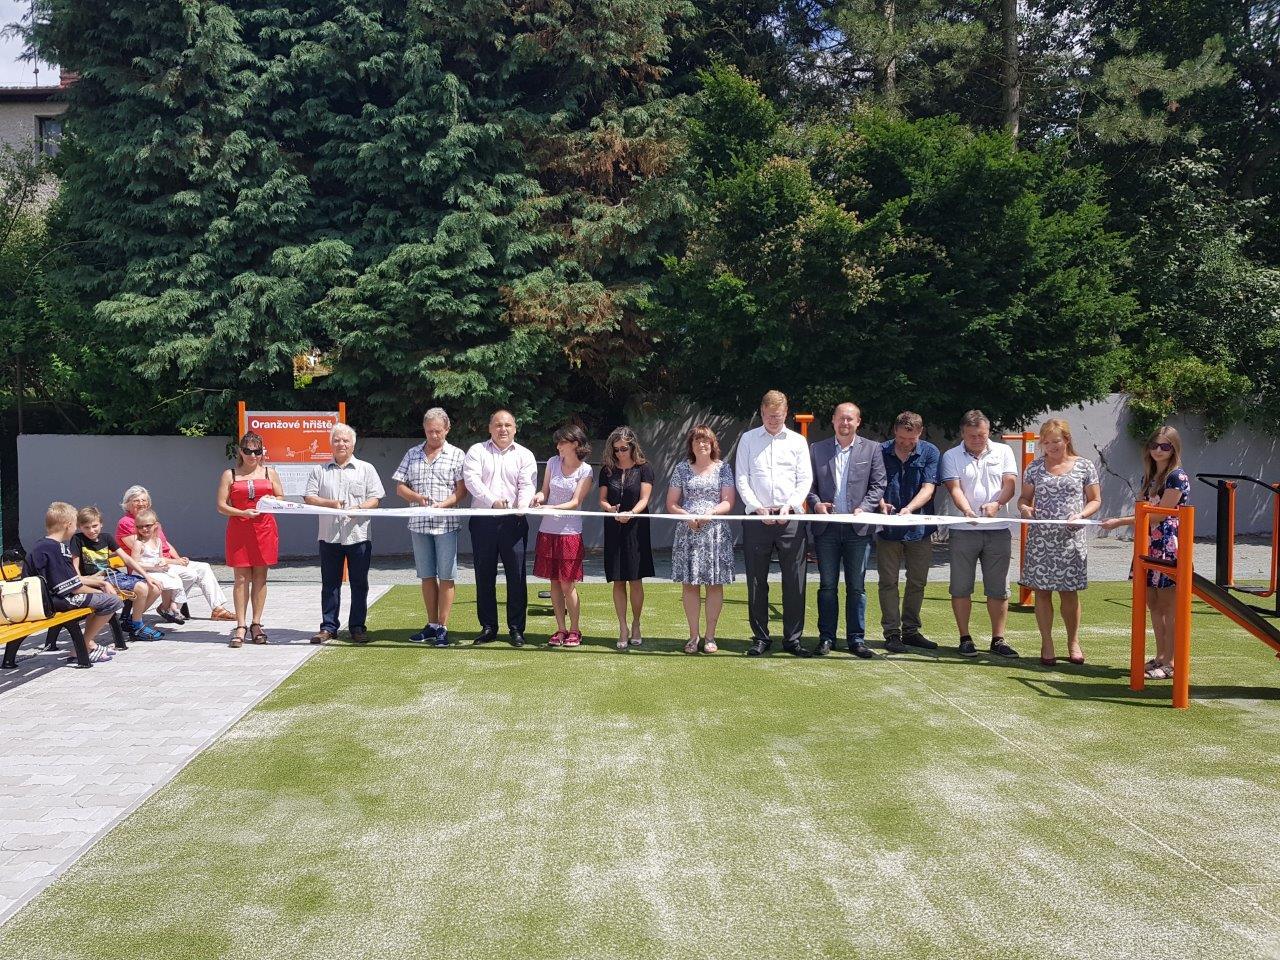 V Náchodě vzniklo nové sportoviště, které podpořila Nadace ČEZ